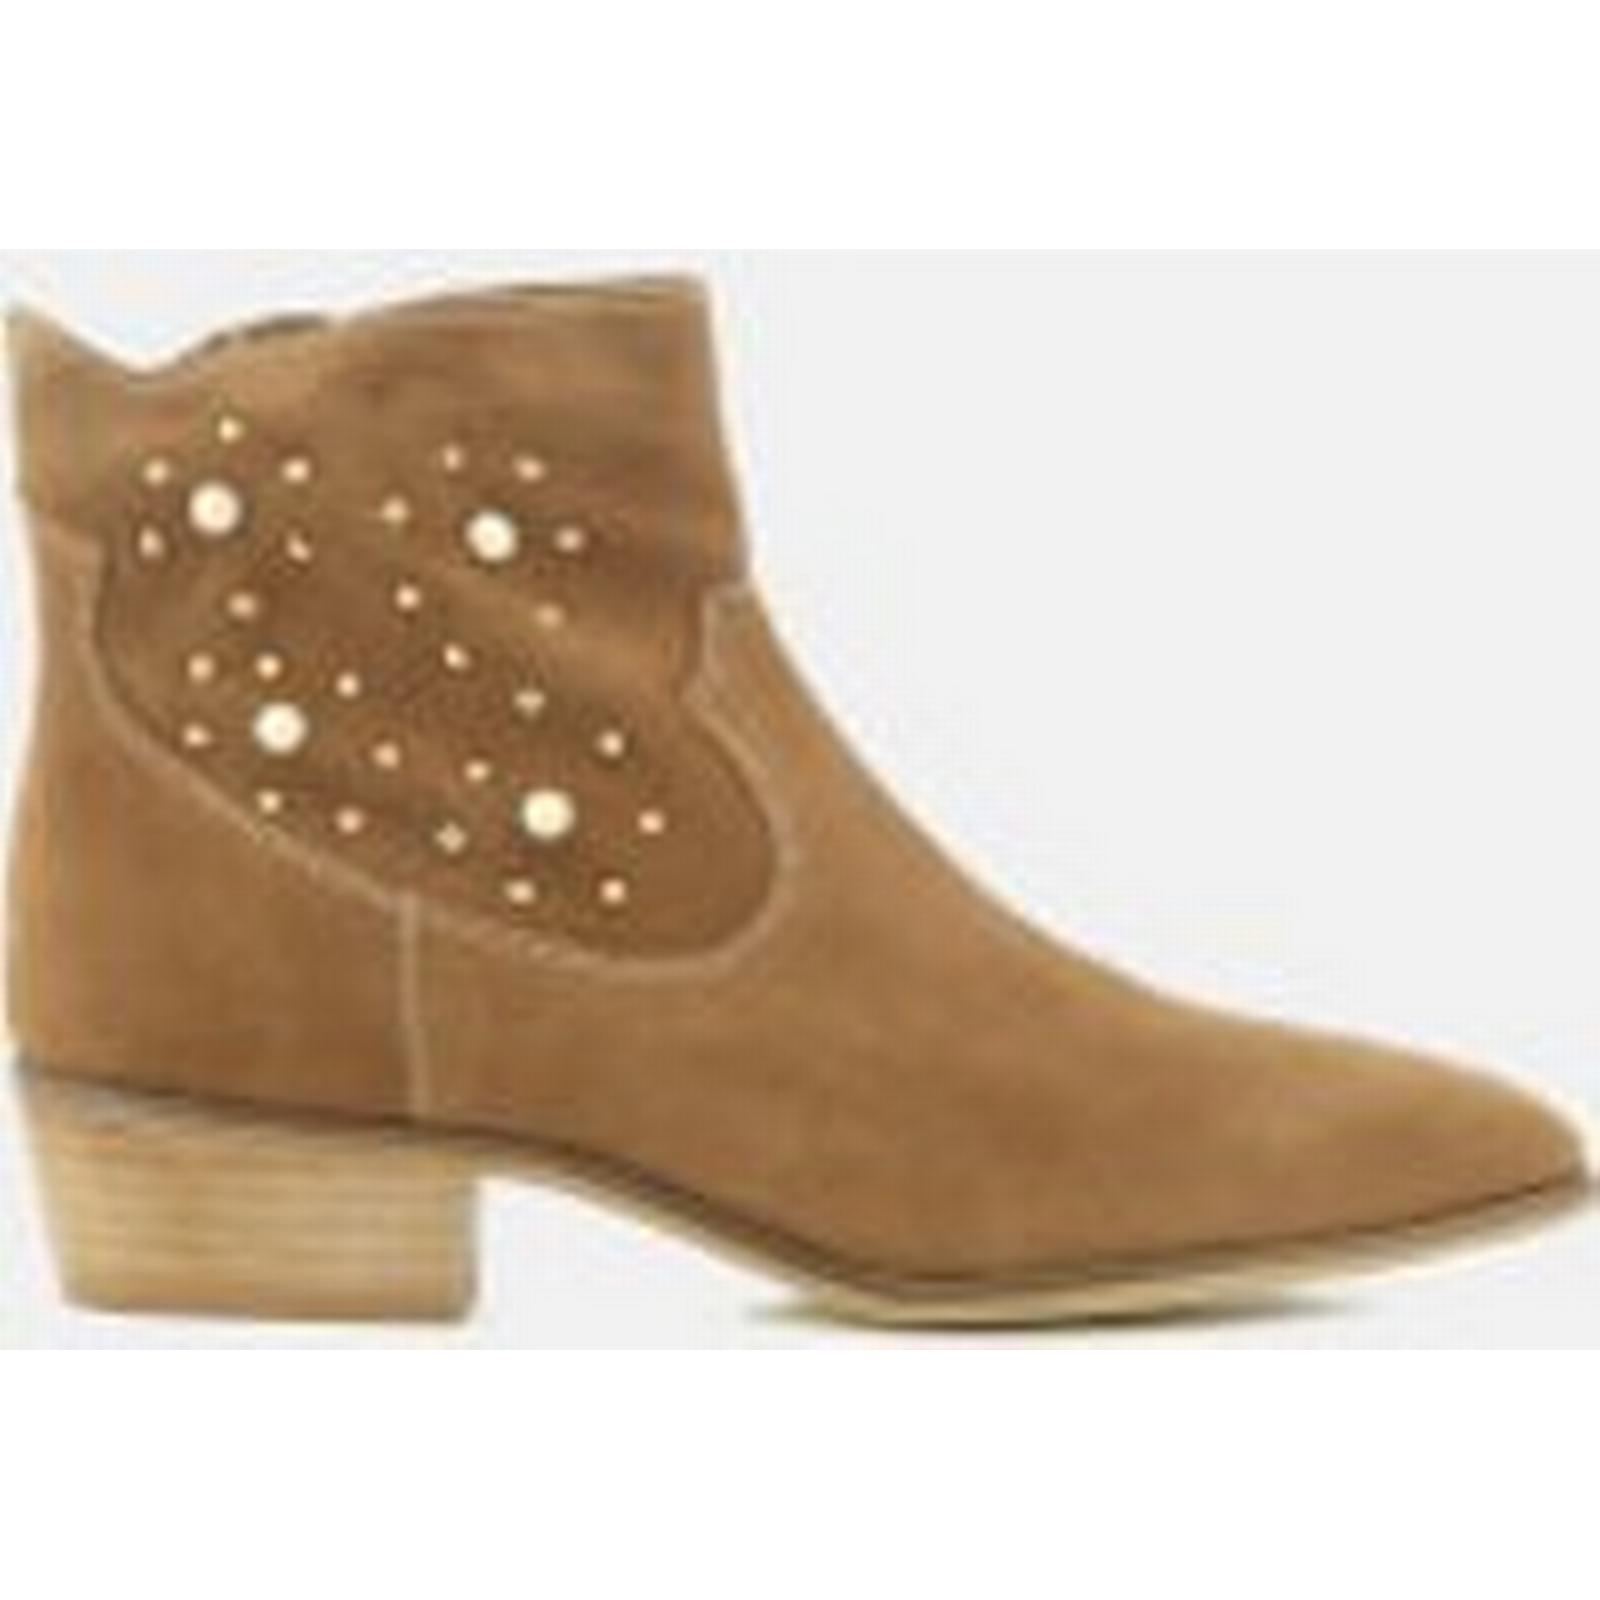 Rebecca Minkoff Women's Boots Stella Pearl Suede Western Boots Women's - Cognac ea56bd